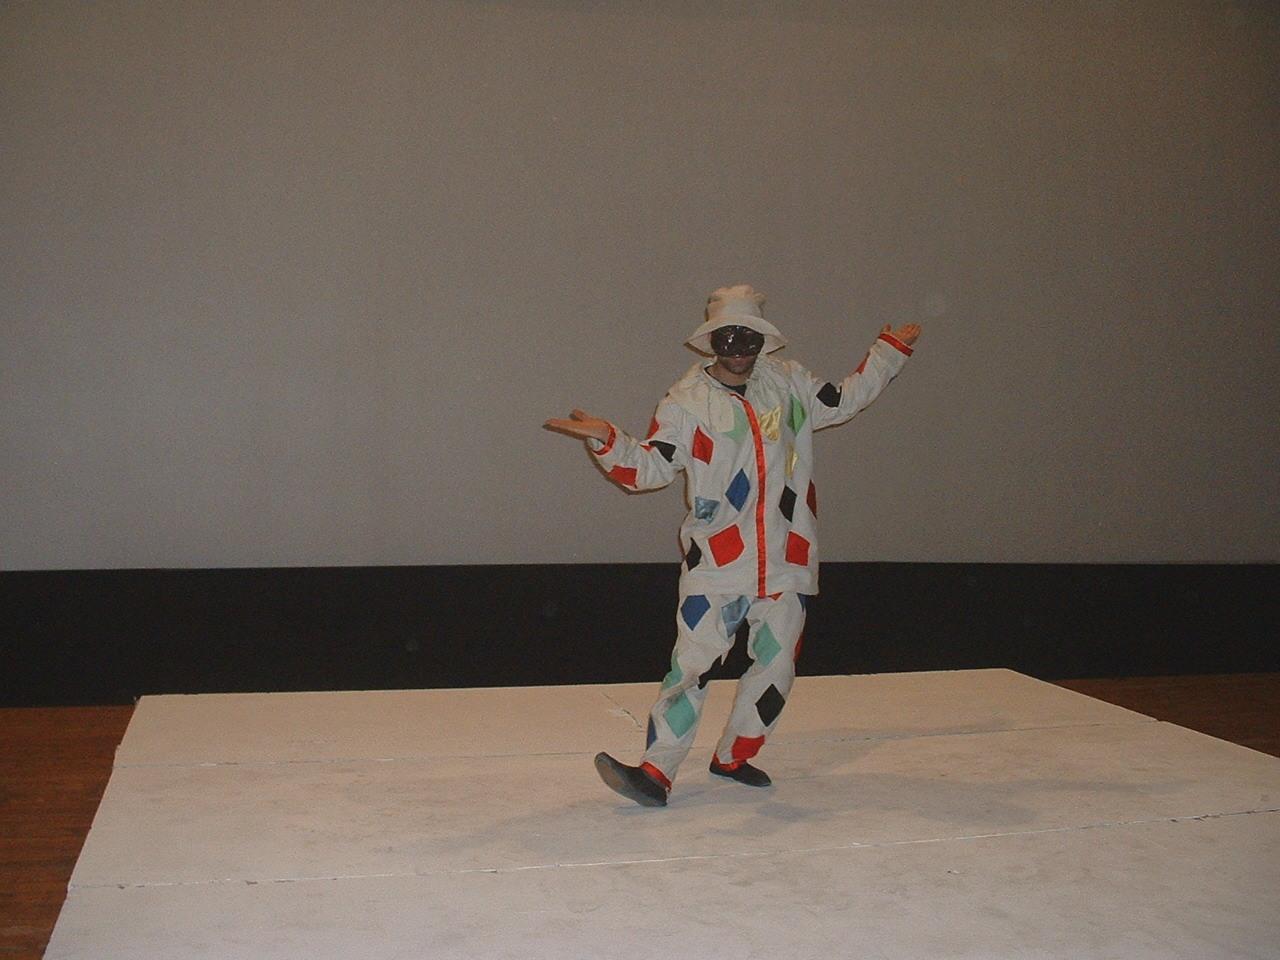 Busto Arsizio, acrobazie e lazzi sul palco del teatro Sociale